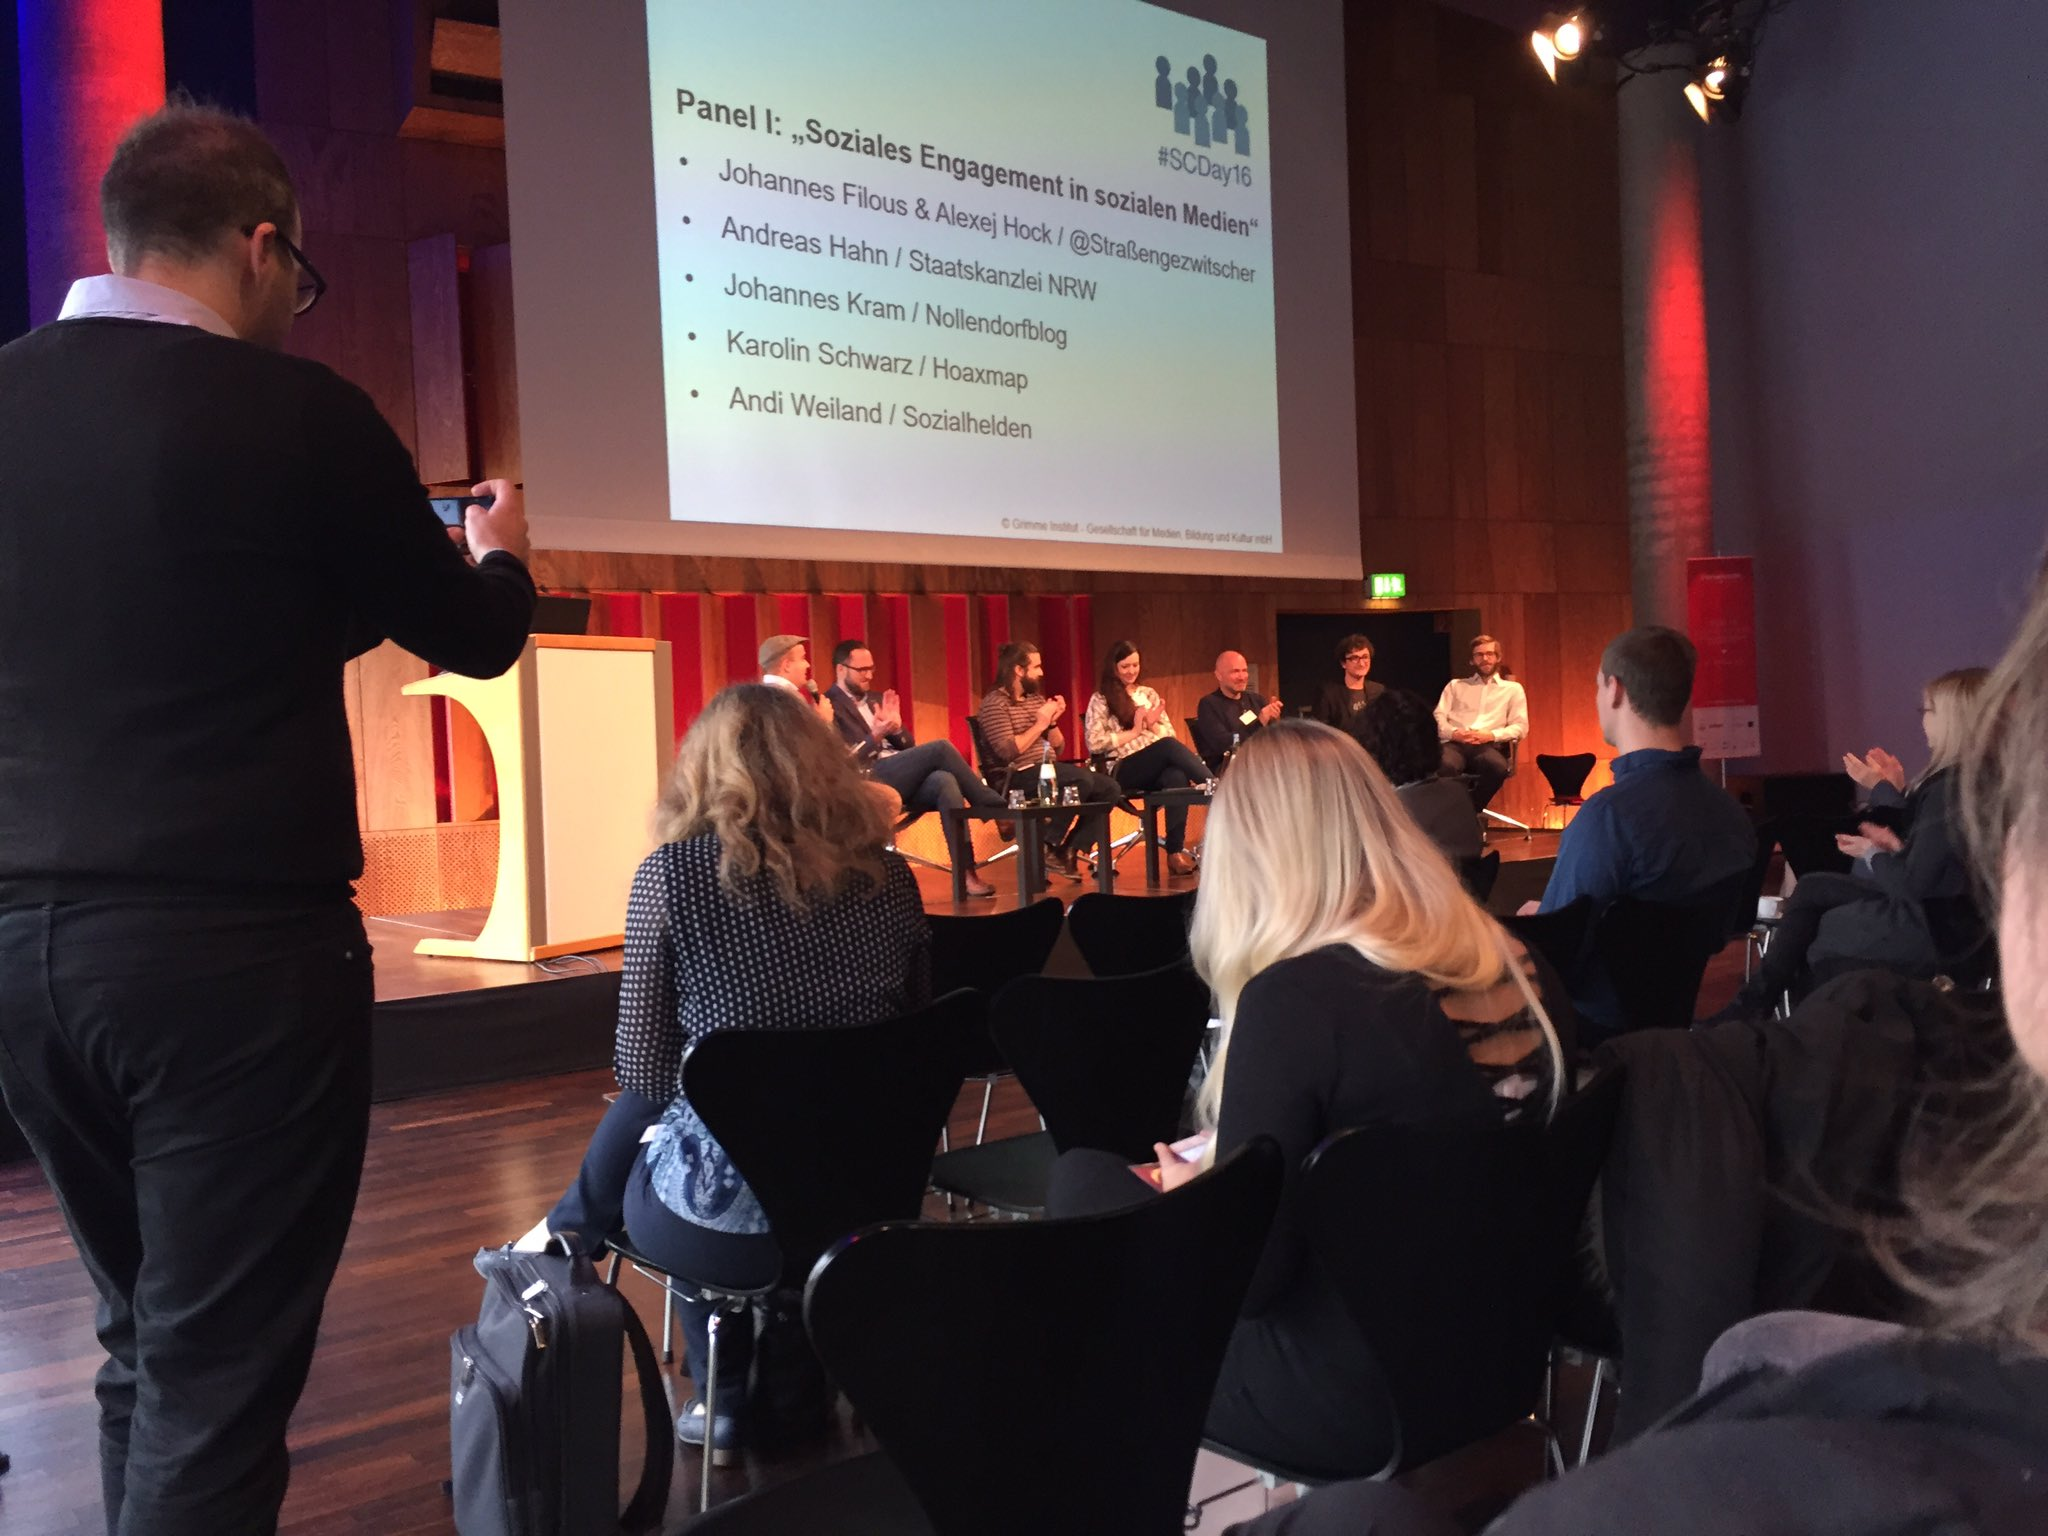 Erstes Panel beginnt beim #SCDay16: Soziales Engagement in sozialen Medien. #iw7 https://t.co/HOyl7L979y